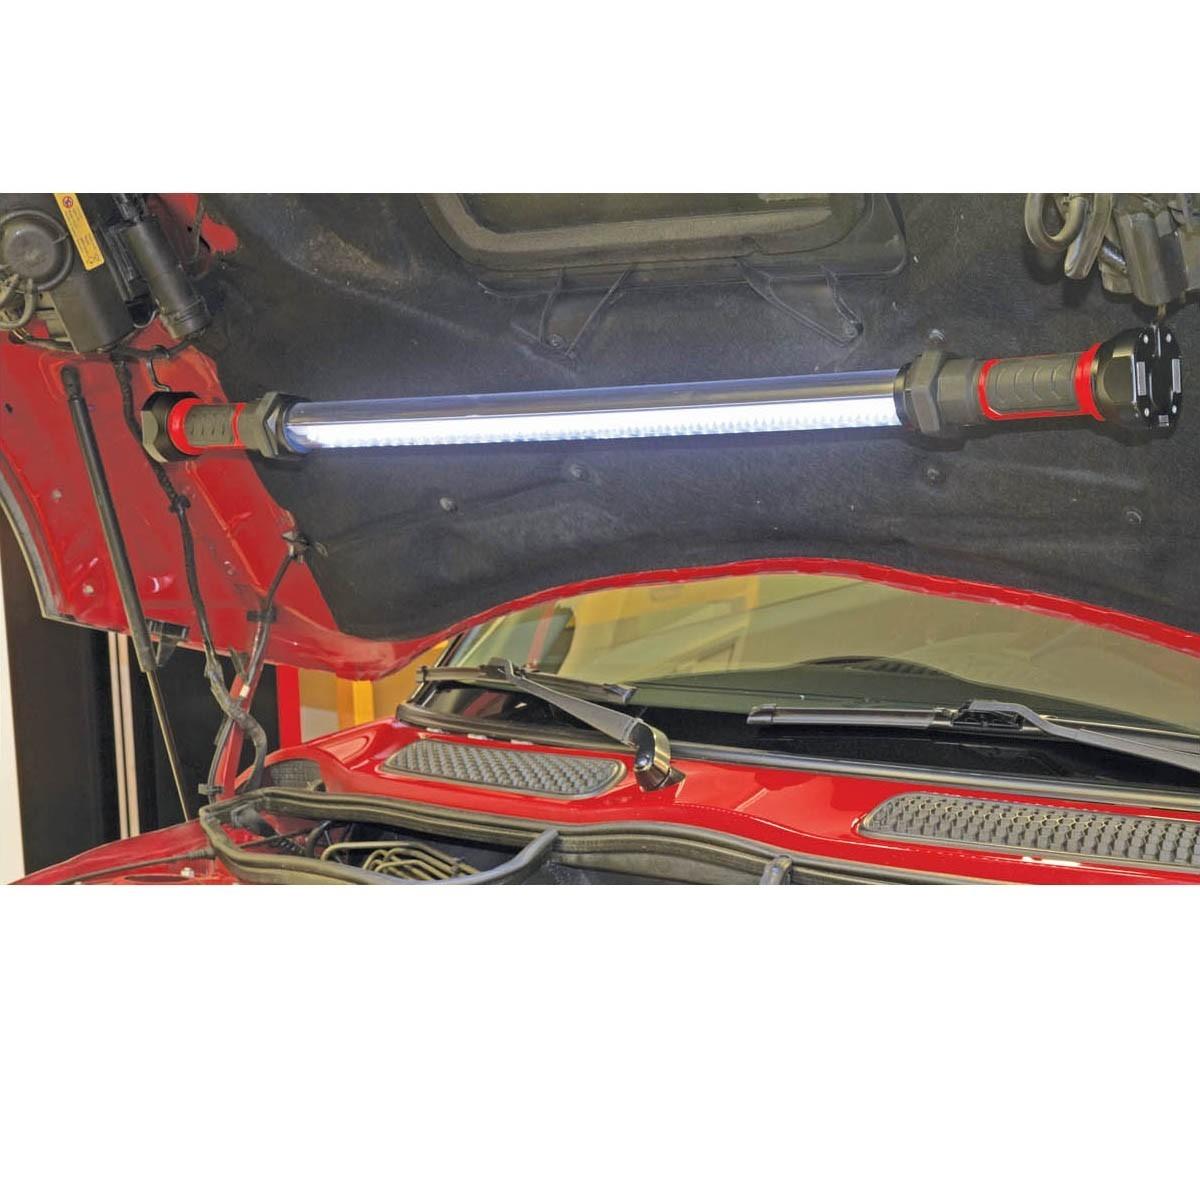 Barra de luz led 120 recargable para mec nico 1 for Barra de luz led